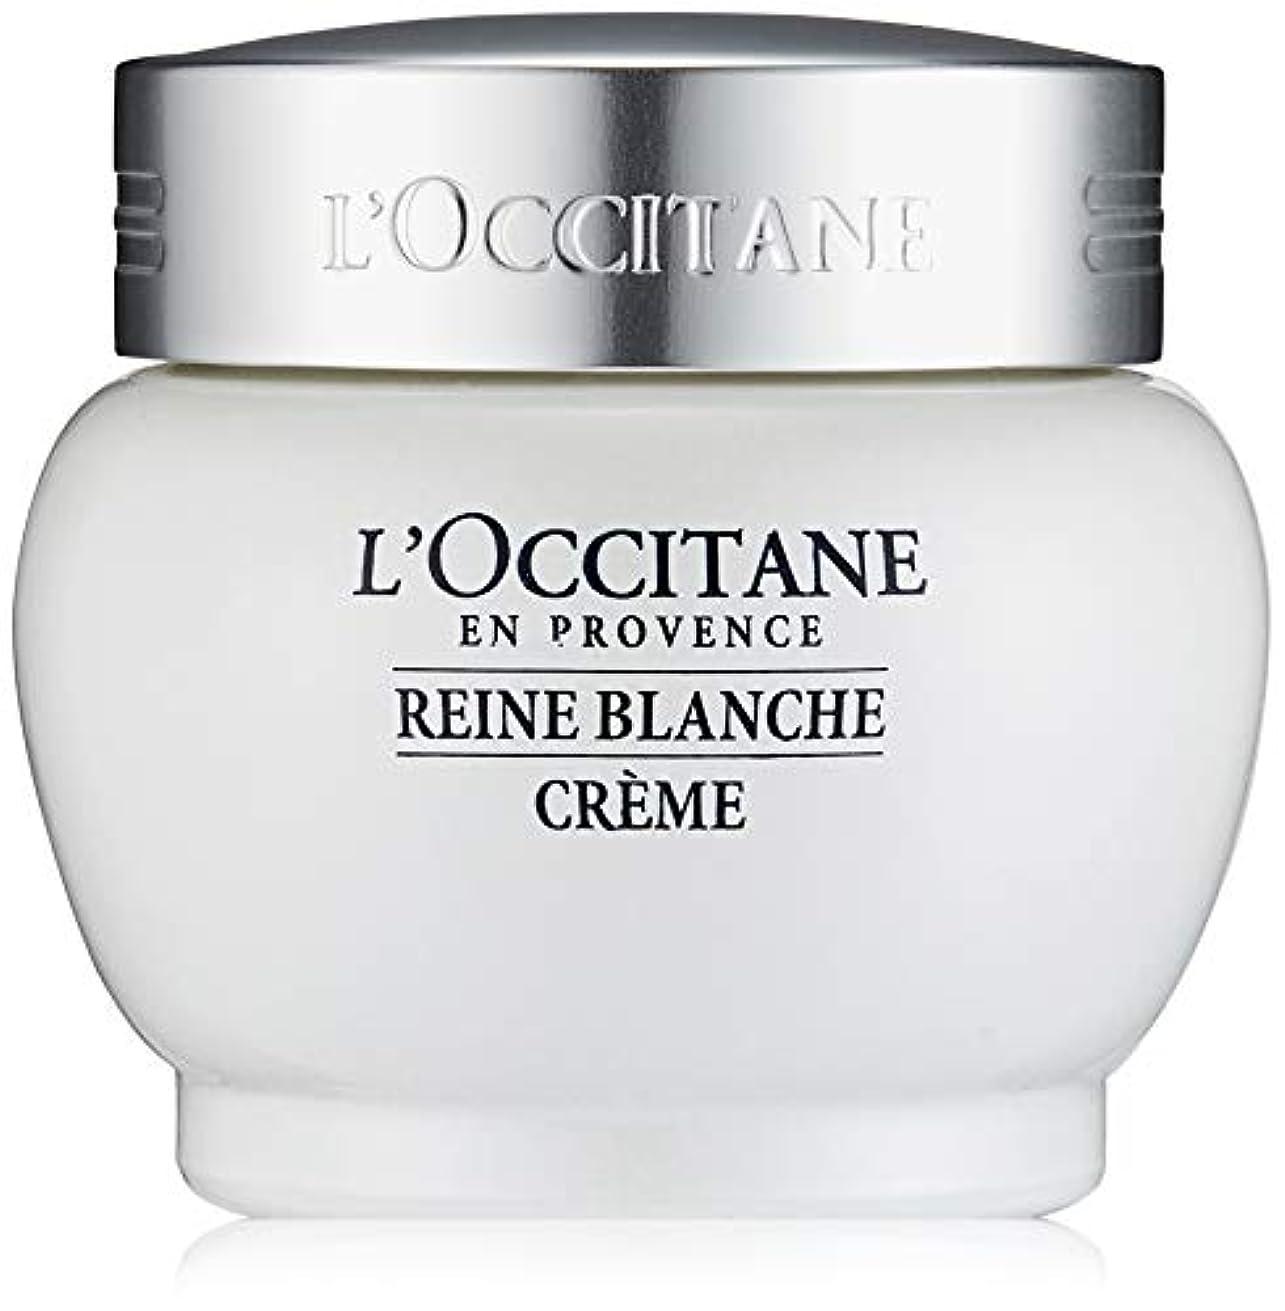 プレビュー理論的疑いロクシタン(L'OCCITANE) レーヌブランシュ ホワイトインフュージョンジェルクリーム 50ml